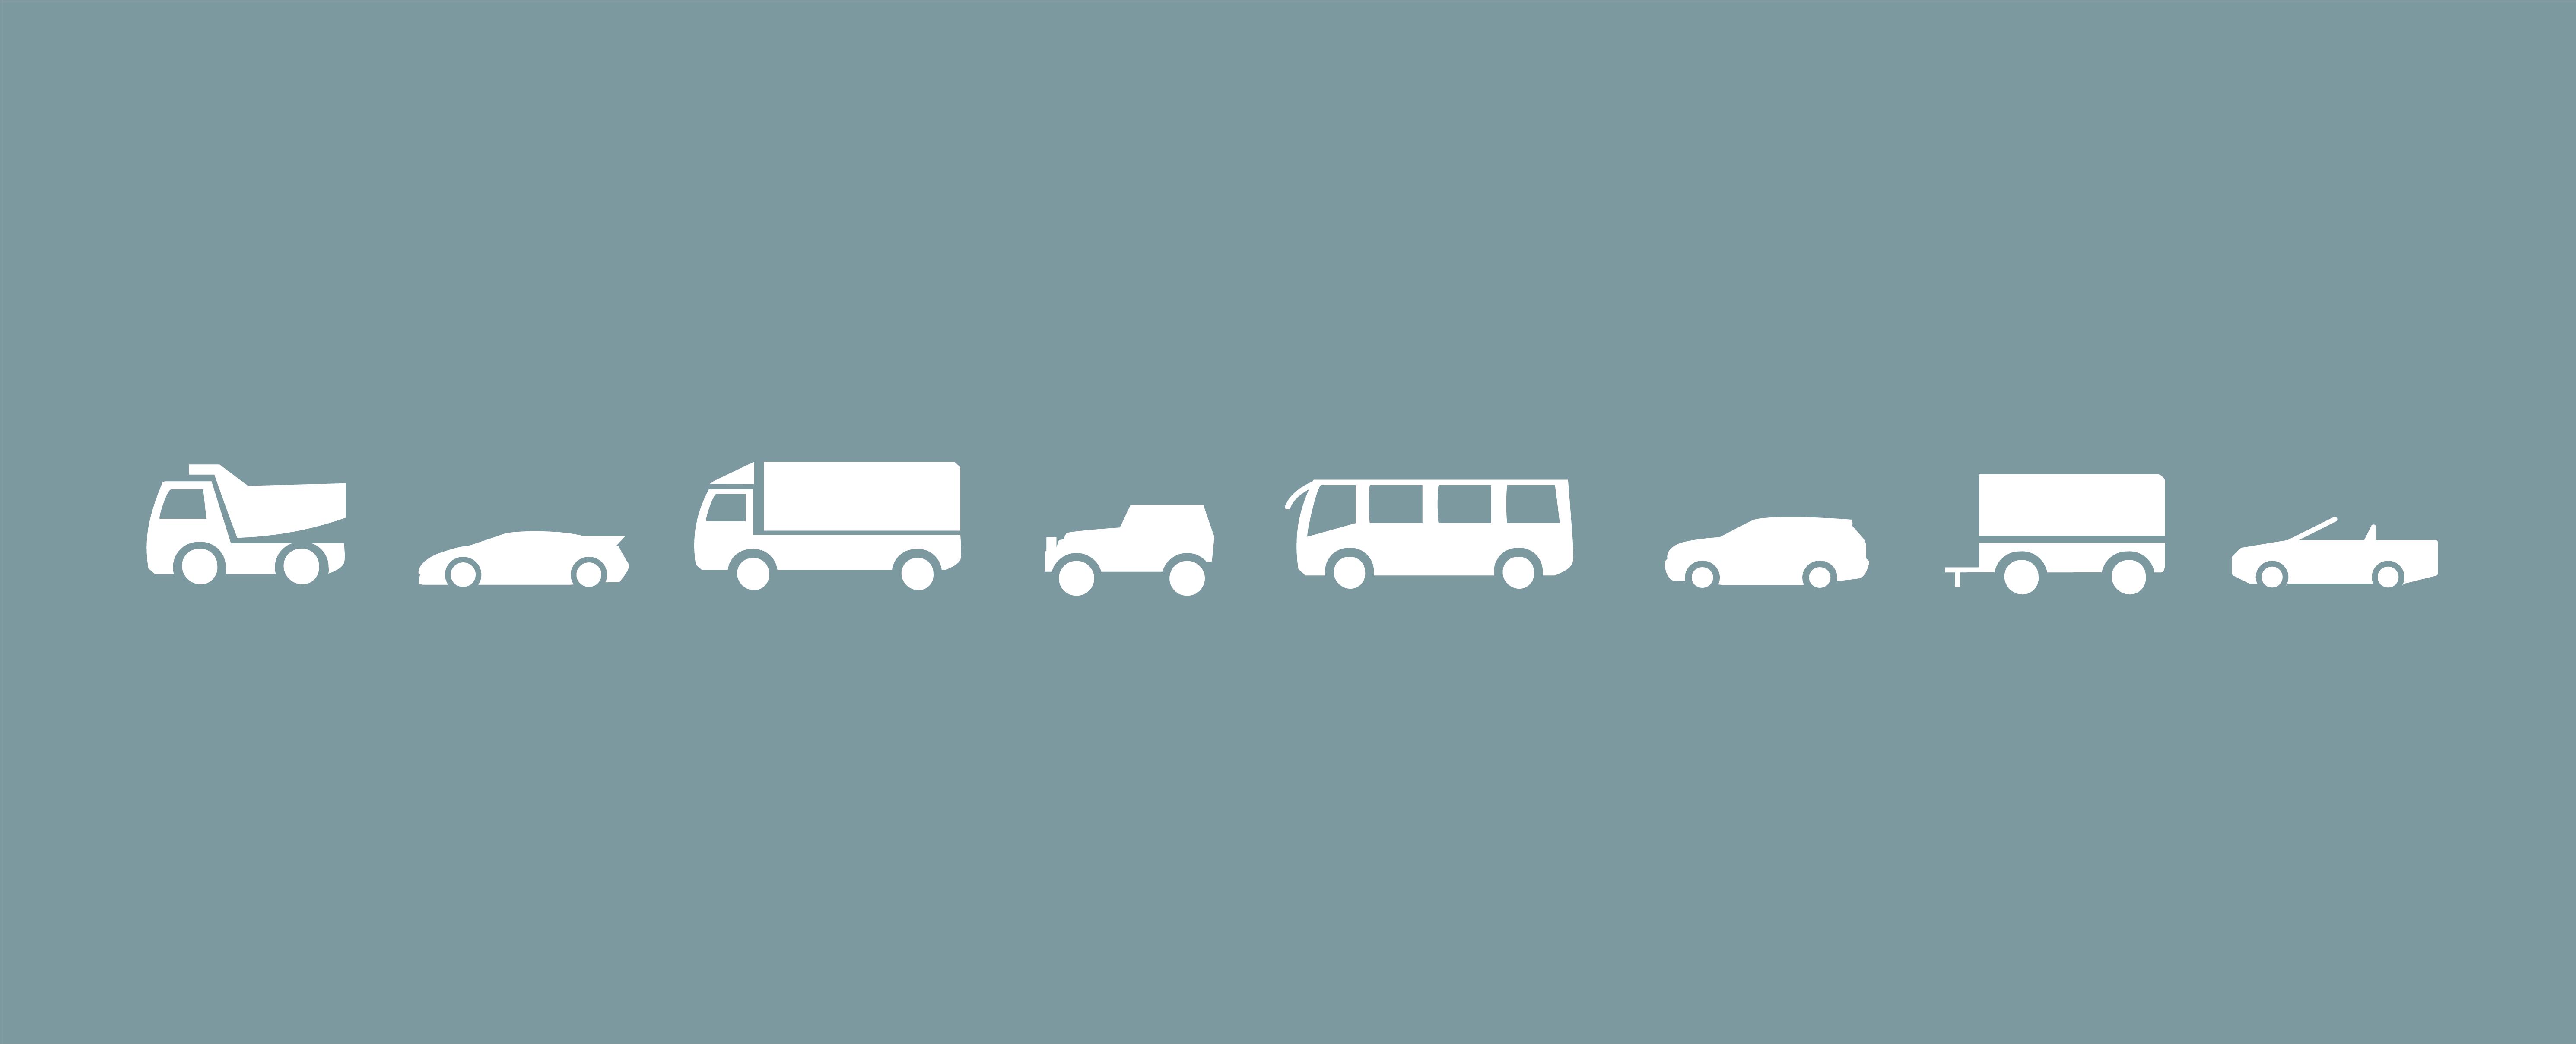 Illustrationen von Fahrzeugen für DB Autohaus